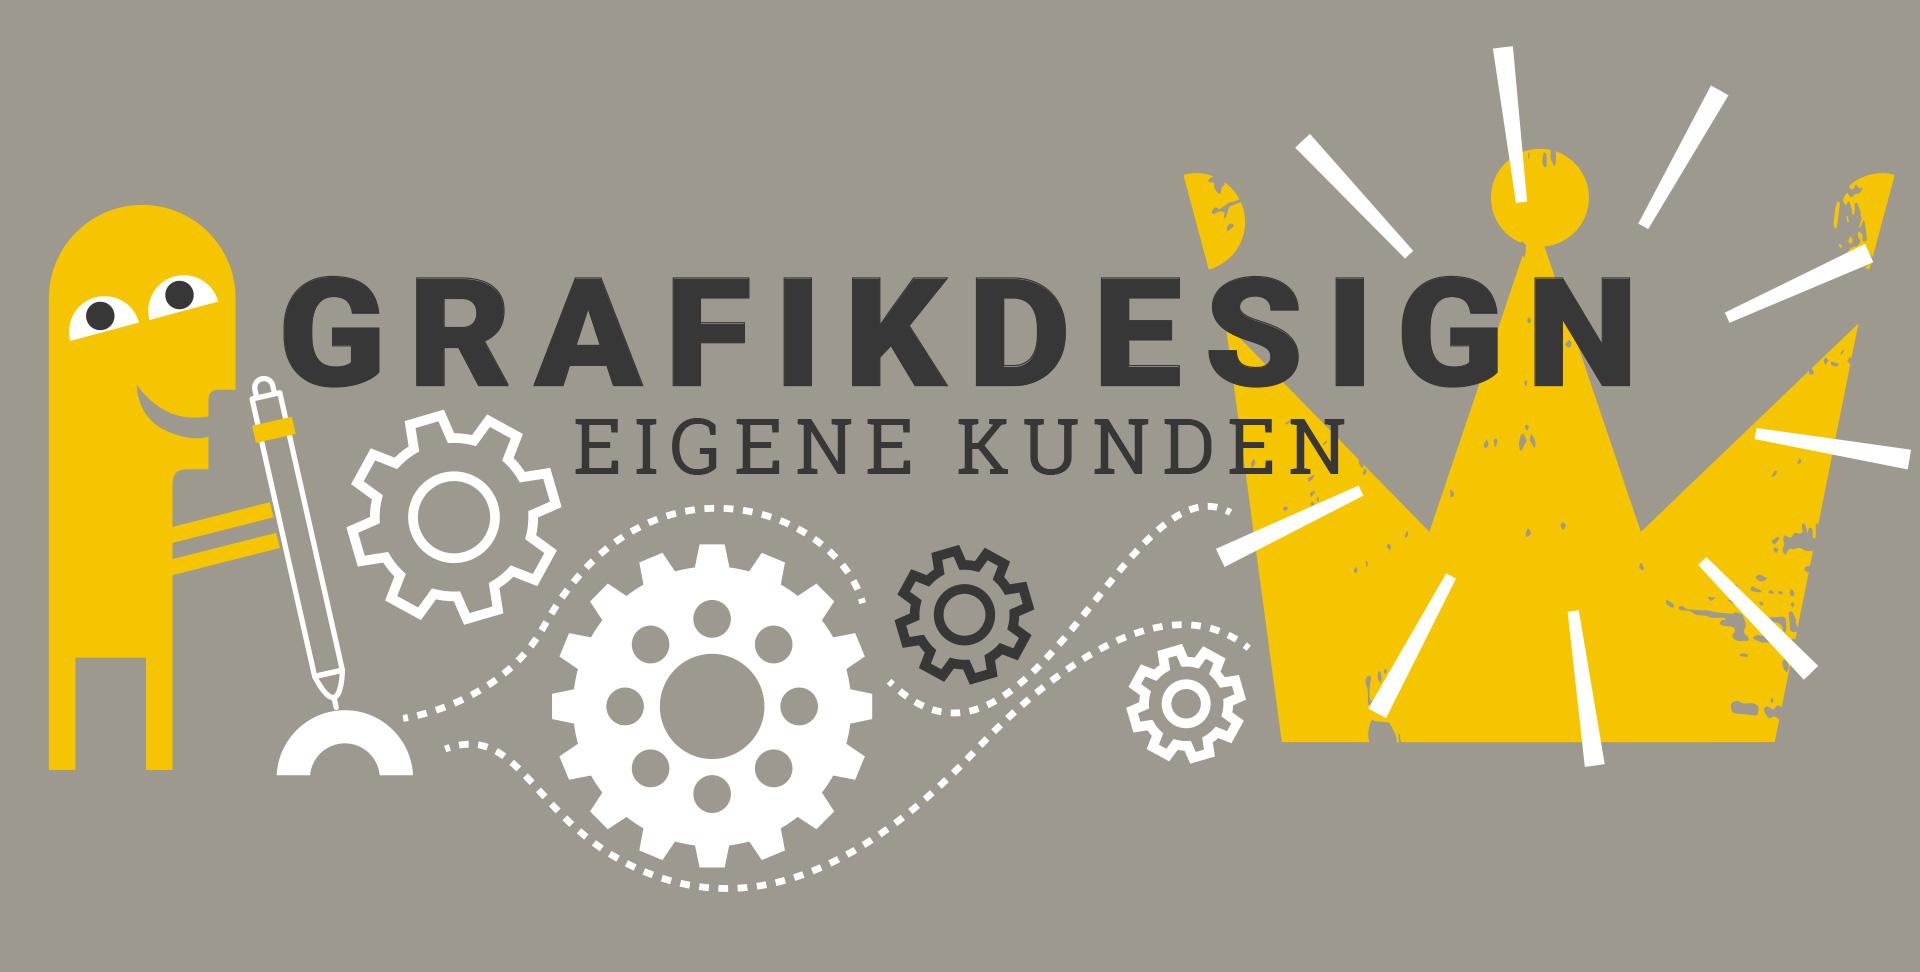 Schriftzug Grafikdesign Eigene Kunden, darunter ein stilisiertes Männchen, welches mit einem Hebel Zahnräder in Bewegung setzt, die eine Krone zum Leuchten bringen